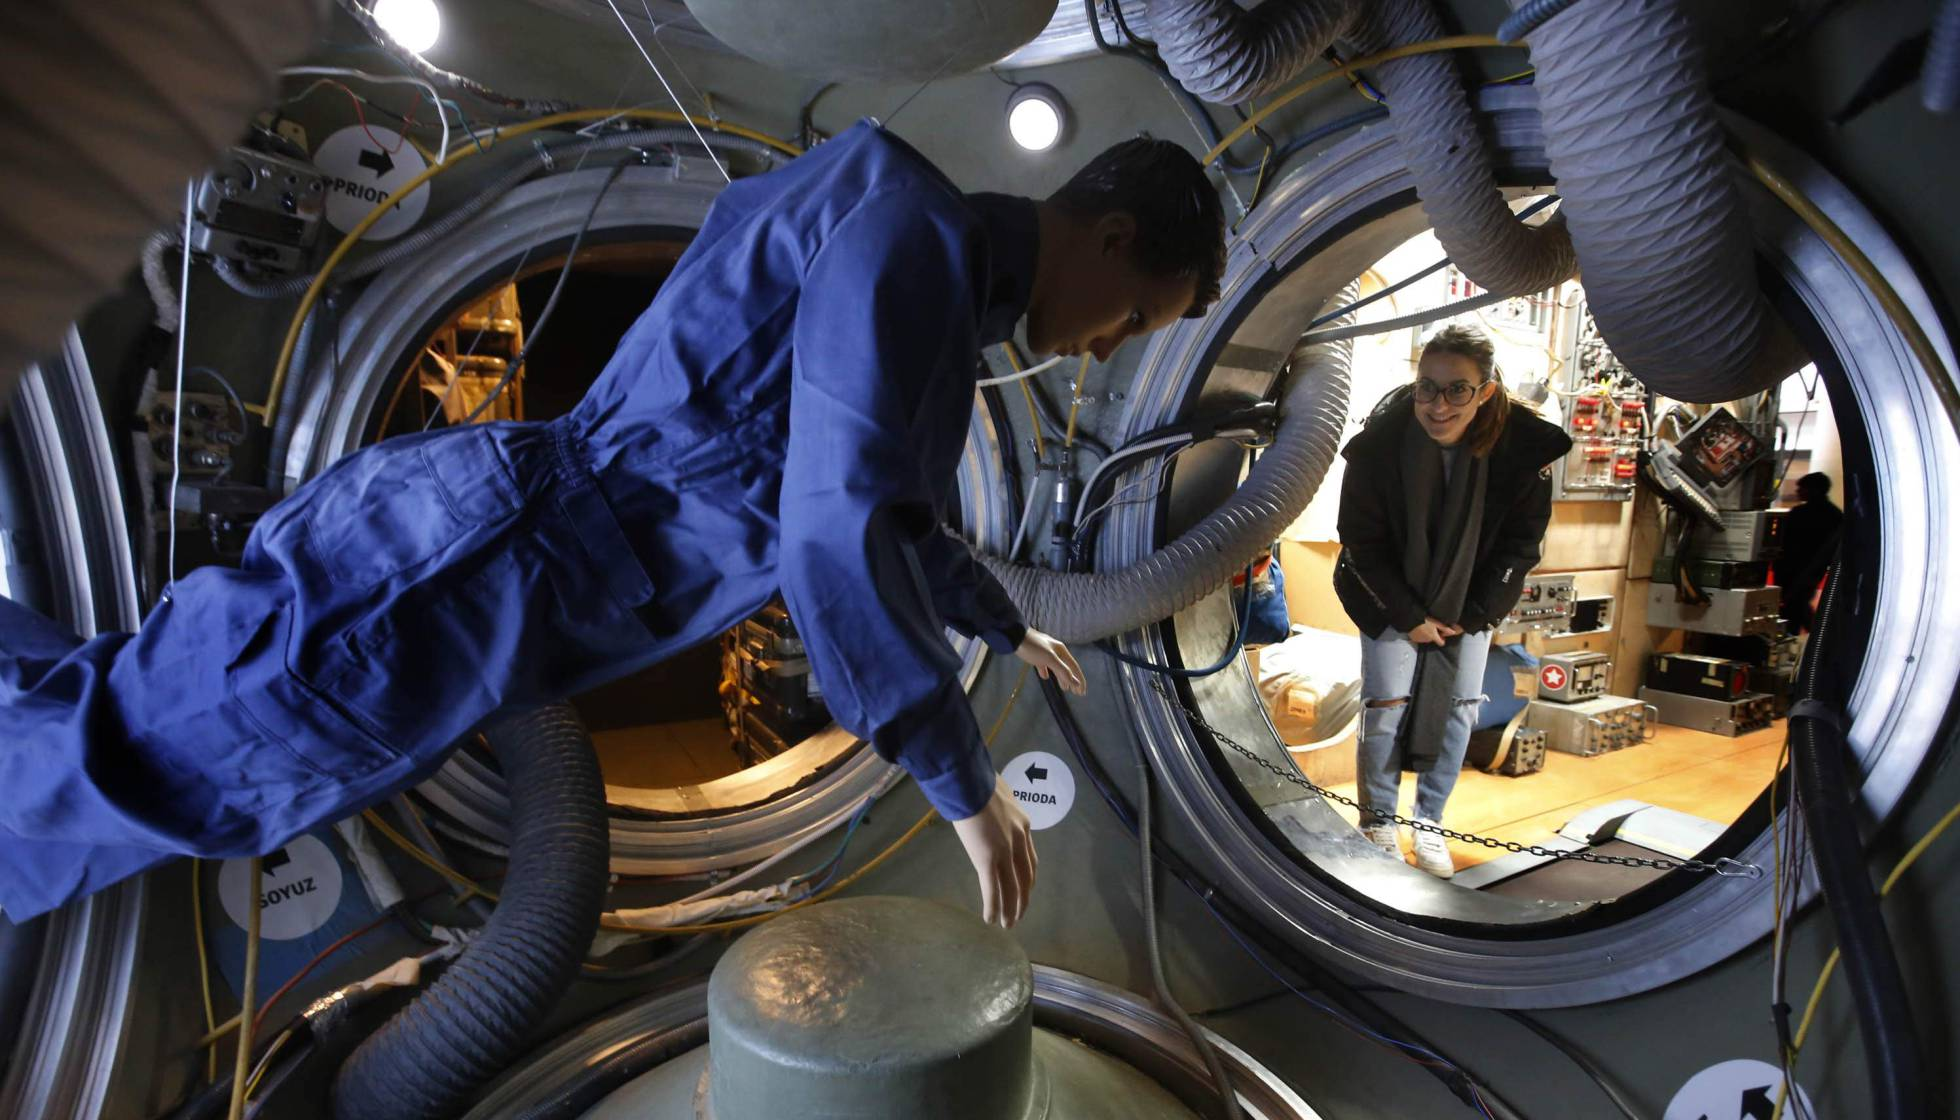 Почувствовать себя космонавтом можно в городе Терраса провинции Барселона